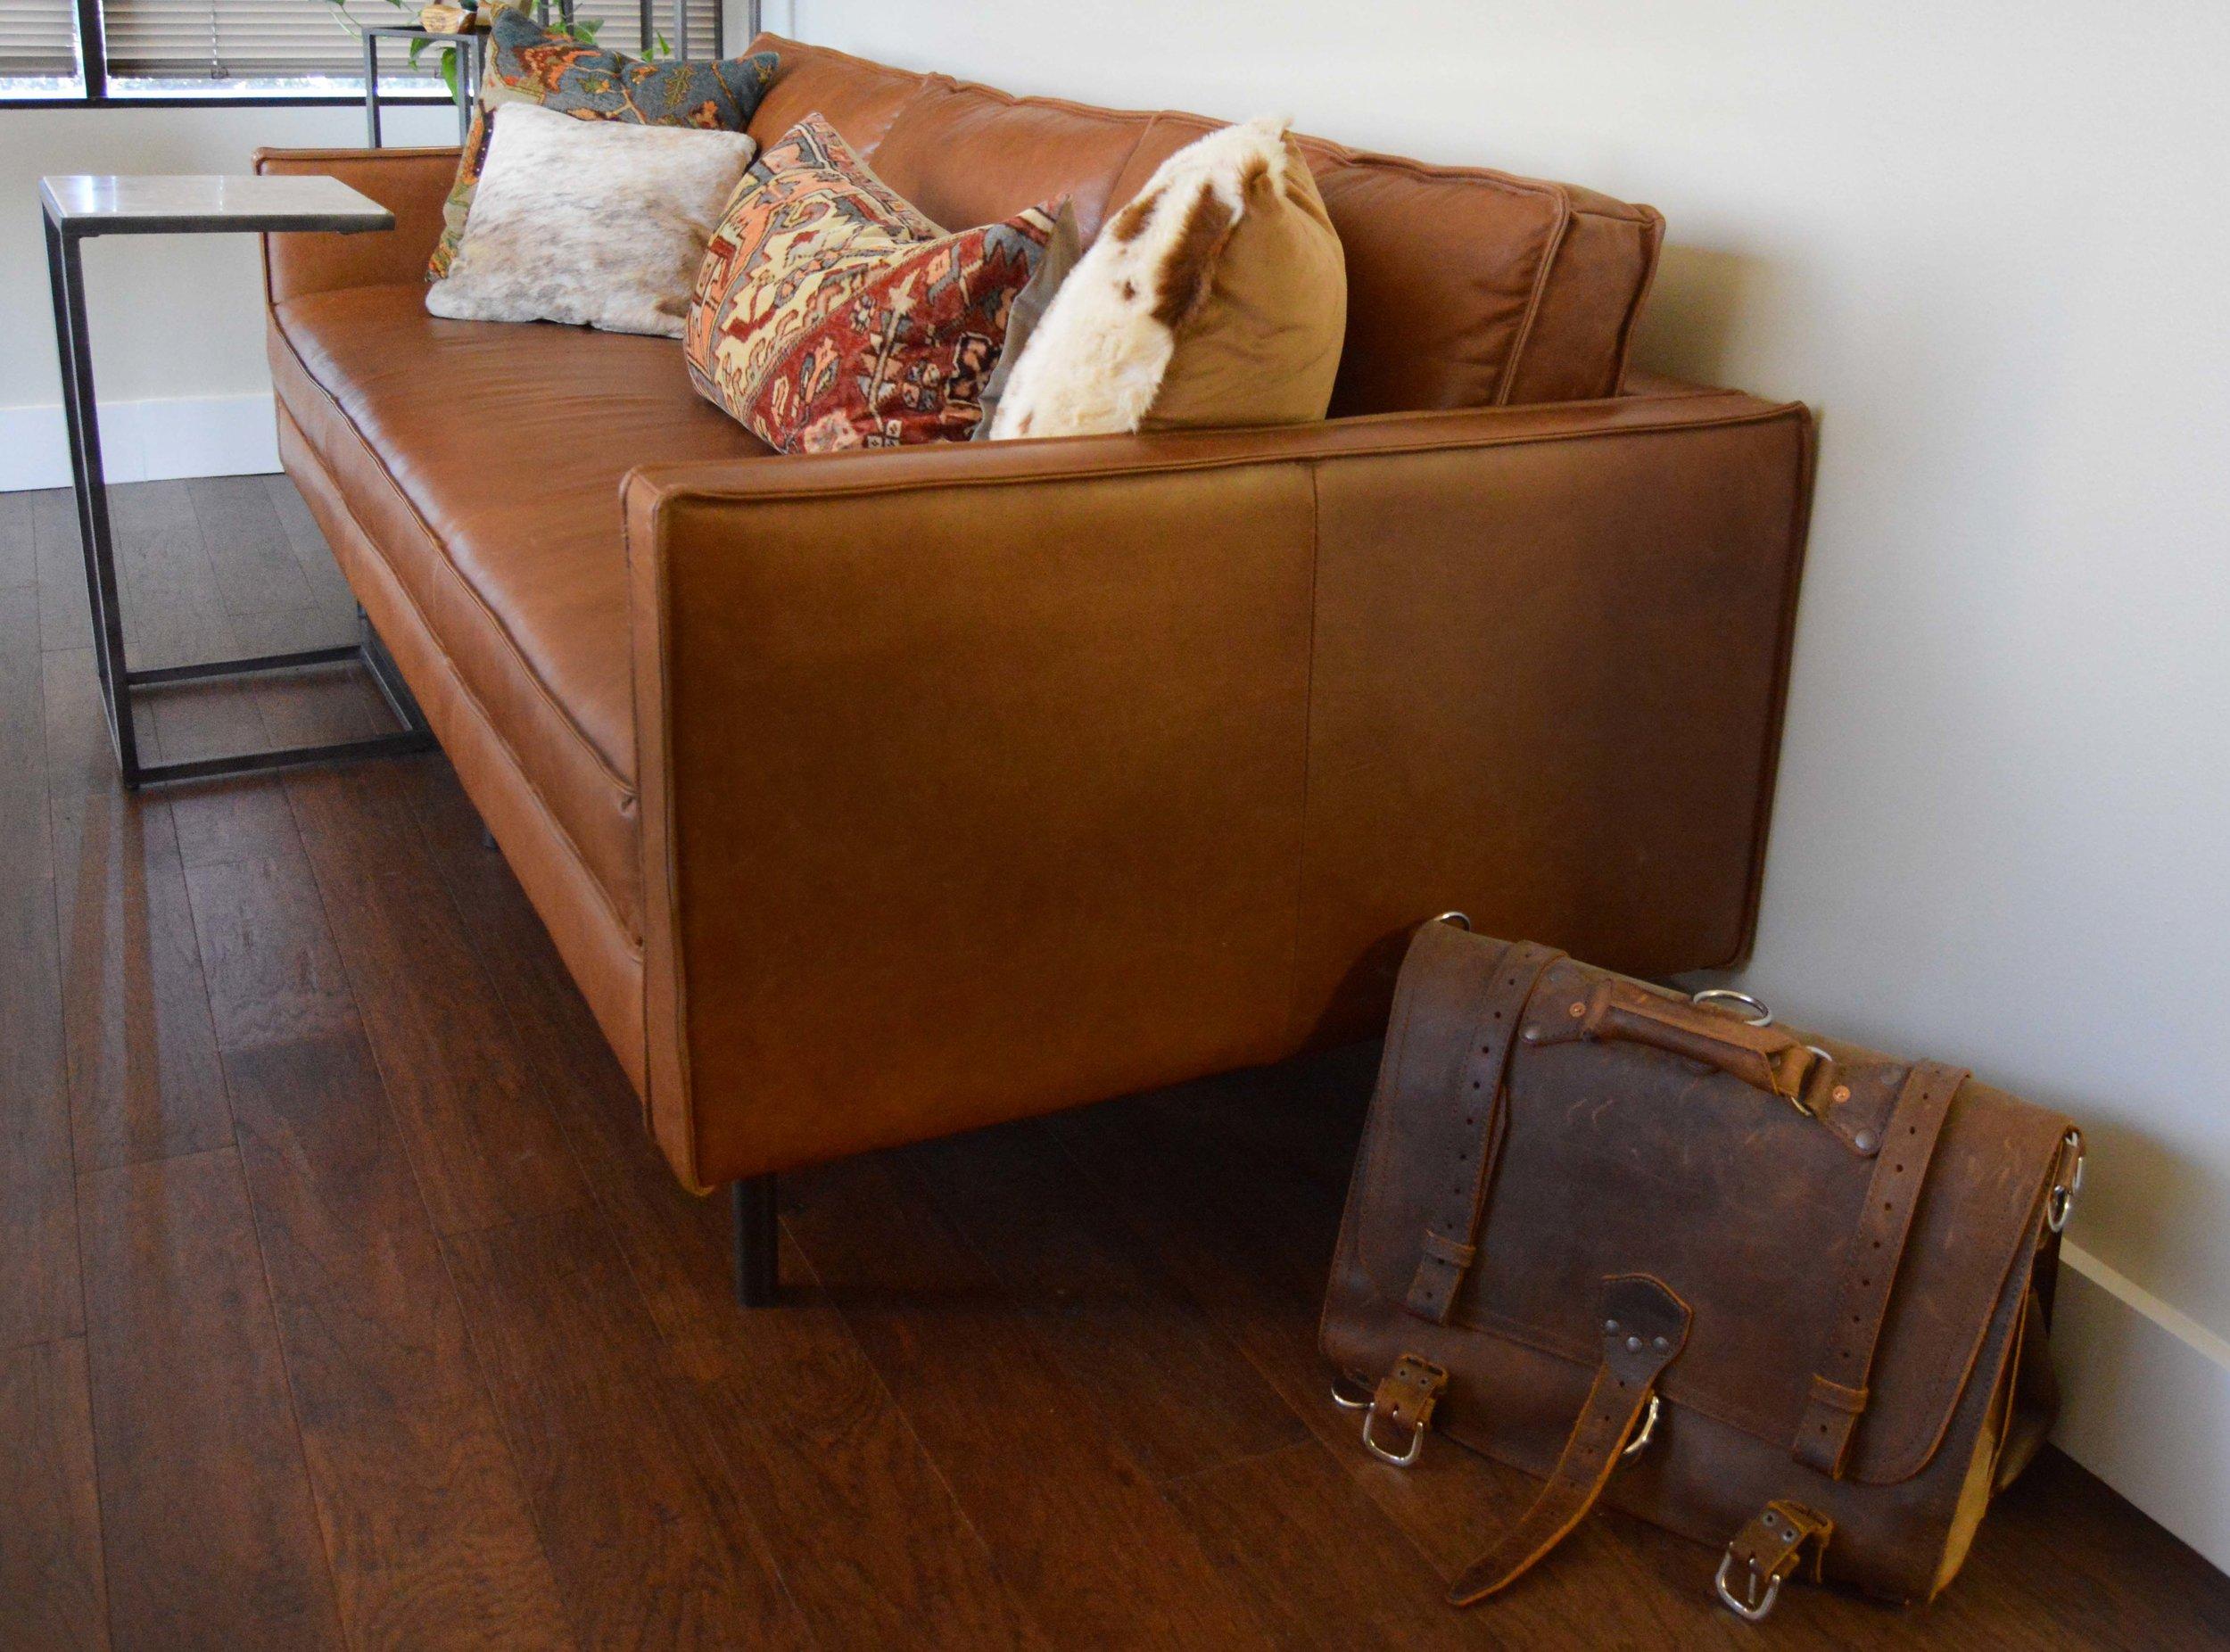 Couch Details - Abode Interior Design